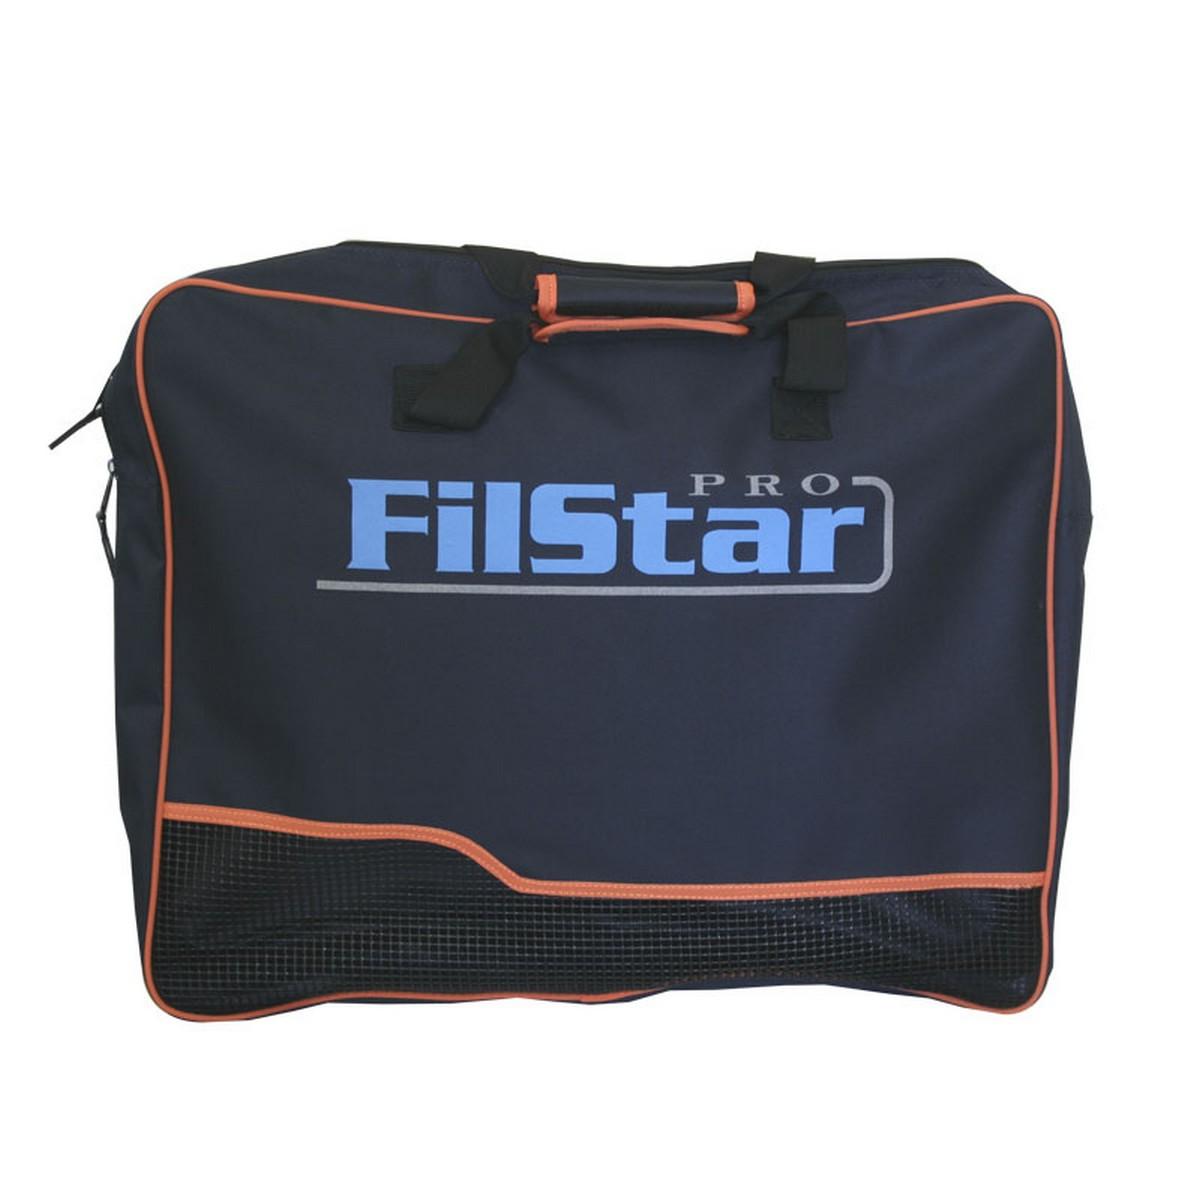 Калъф за живарник квадратен единичен FilStar KK 160